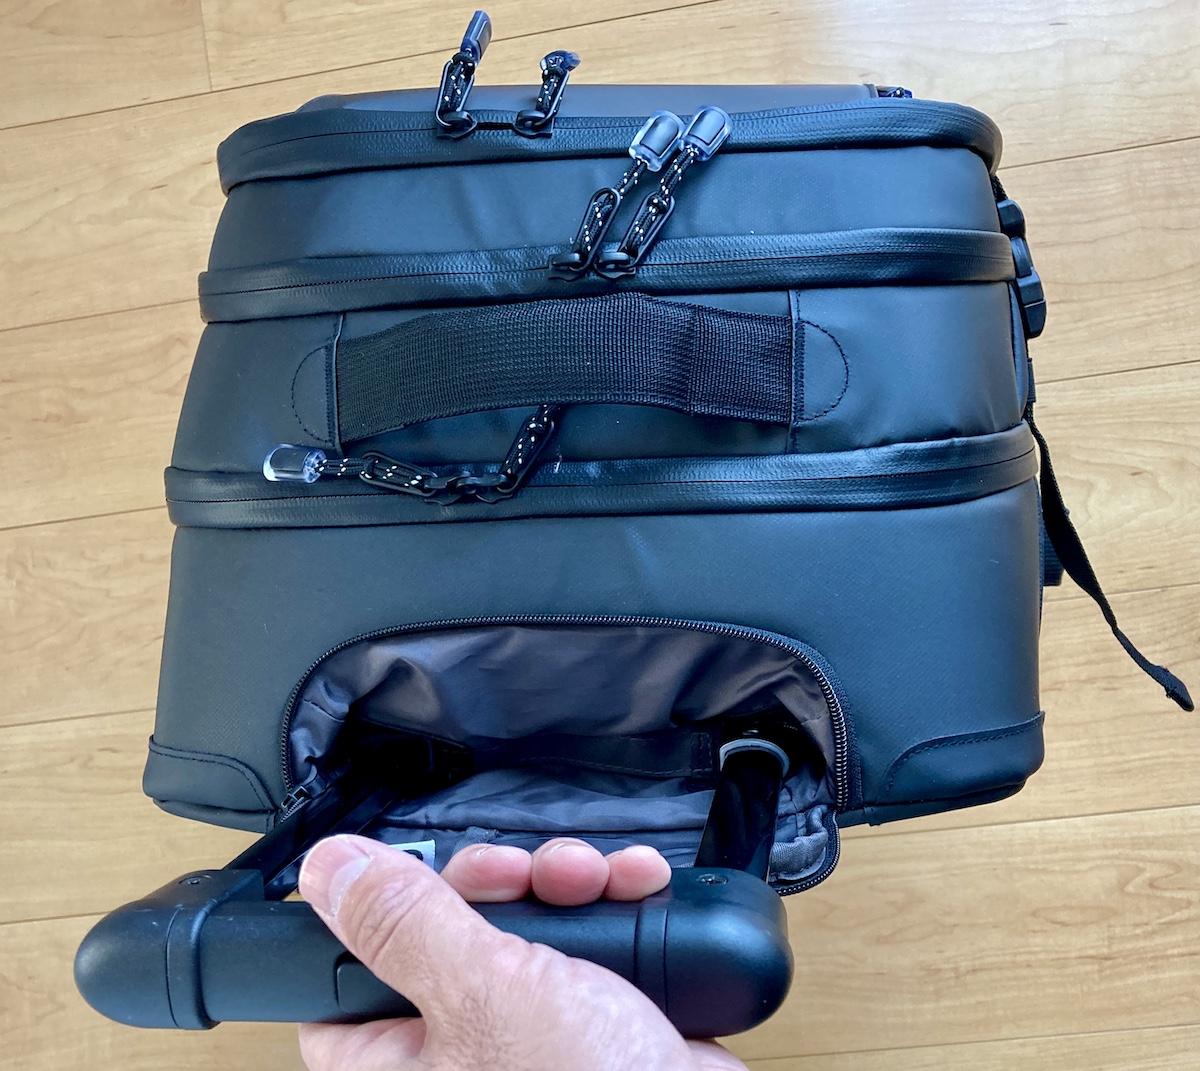 ワークマンから本格キャリーバッグが登場! タフで防水かつシンプルなデザインで収納力も抜群だから旅行でもビジネスでも使えるゾォォオオ!